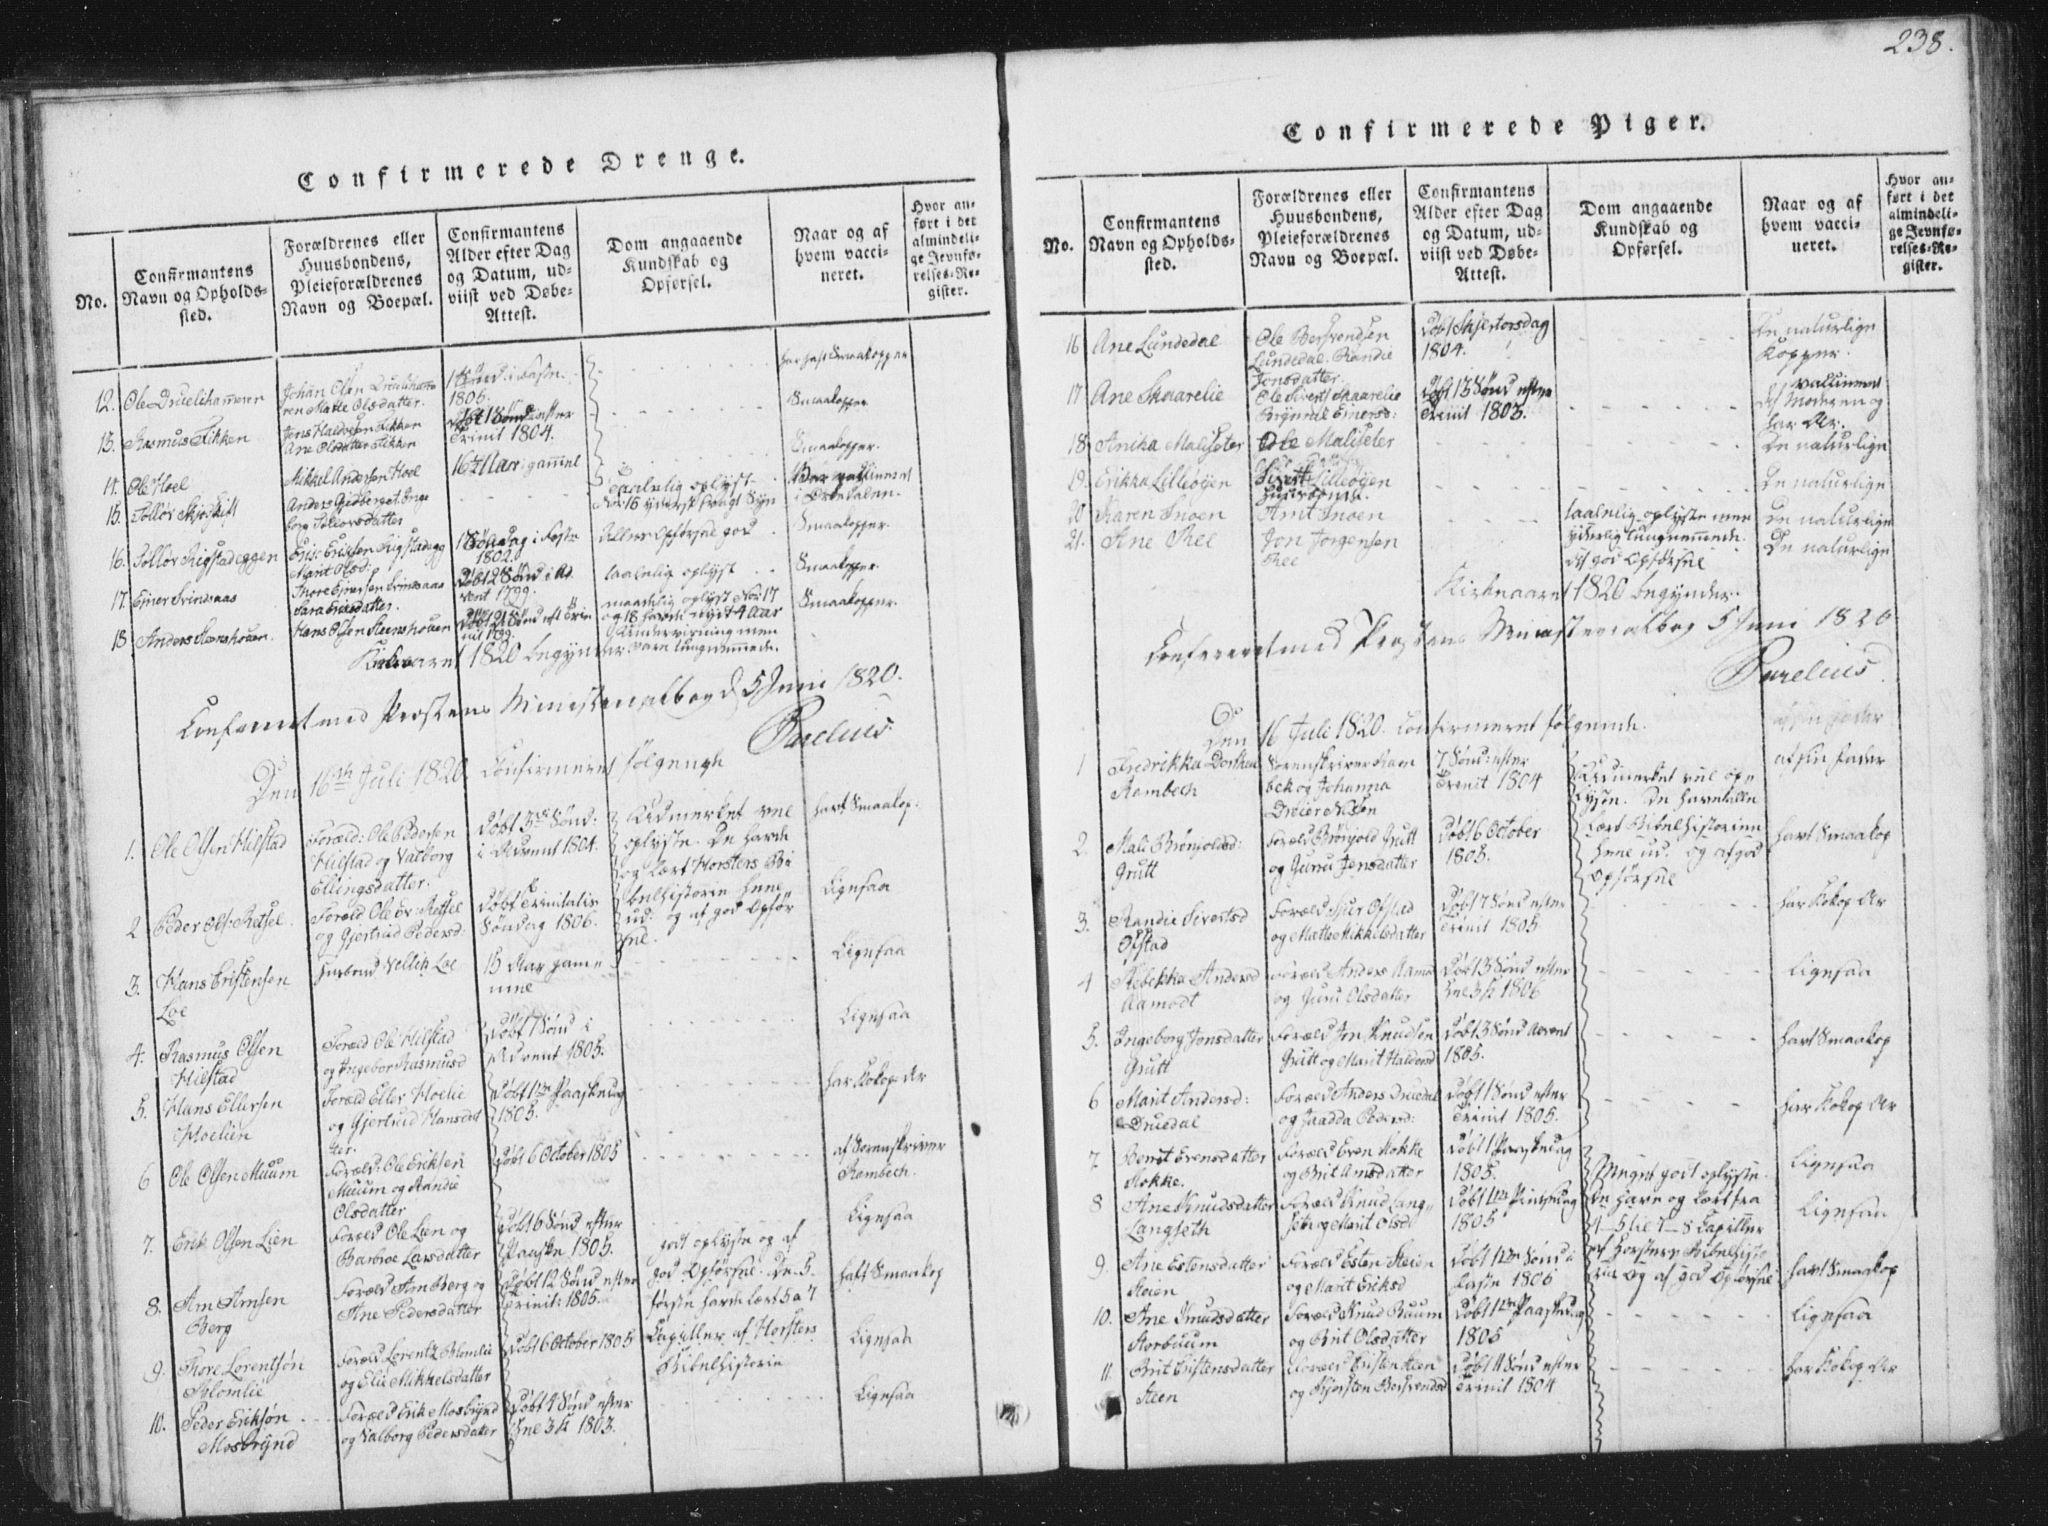 SAT, Ministerialprotokoller, klokkerbøker og fødselsregistre - Sør-Trøndelag, 672/L0862: Klokkerbok nr. 672C01, 1816-1831, s. 238